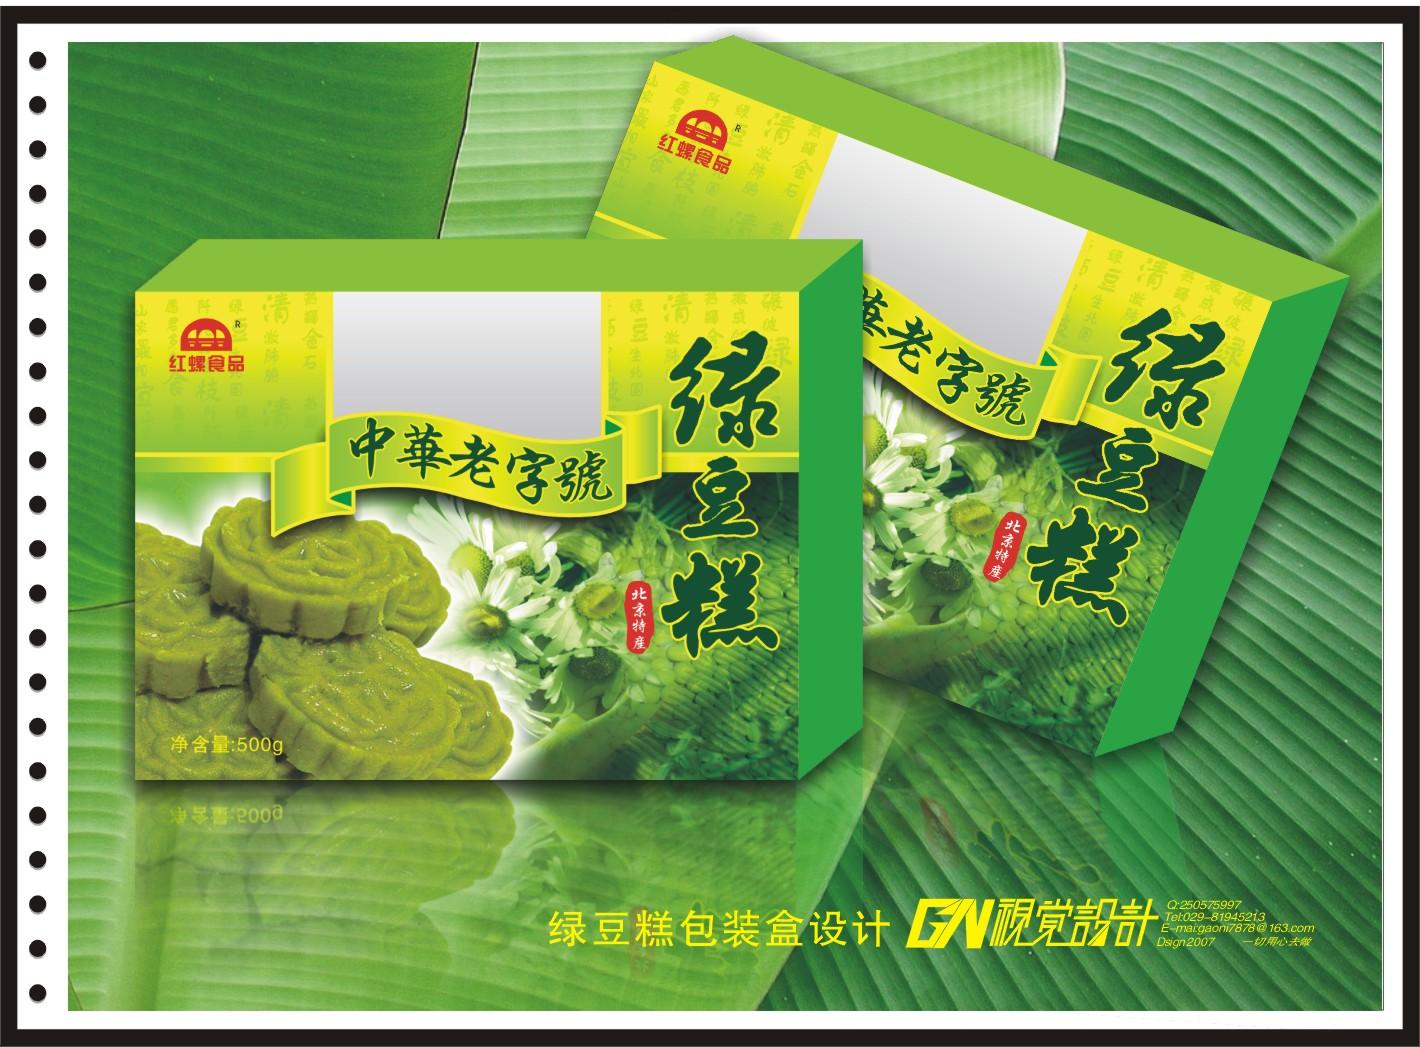 绿豆糕包装盒设计